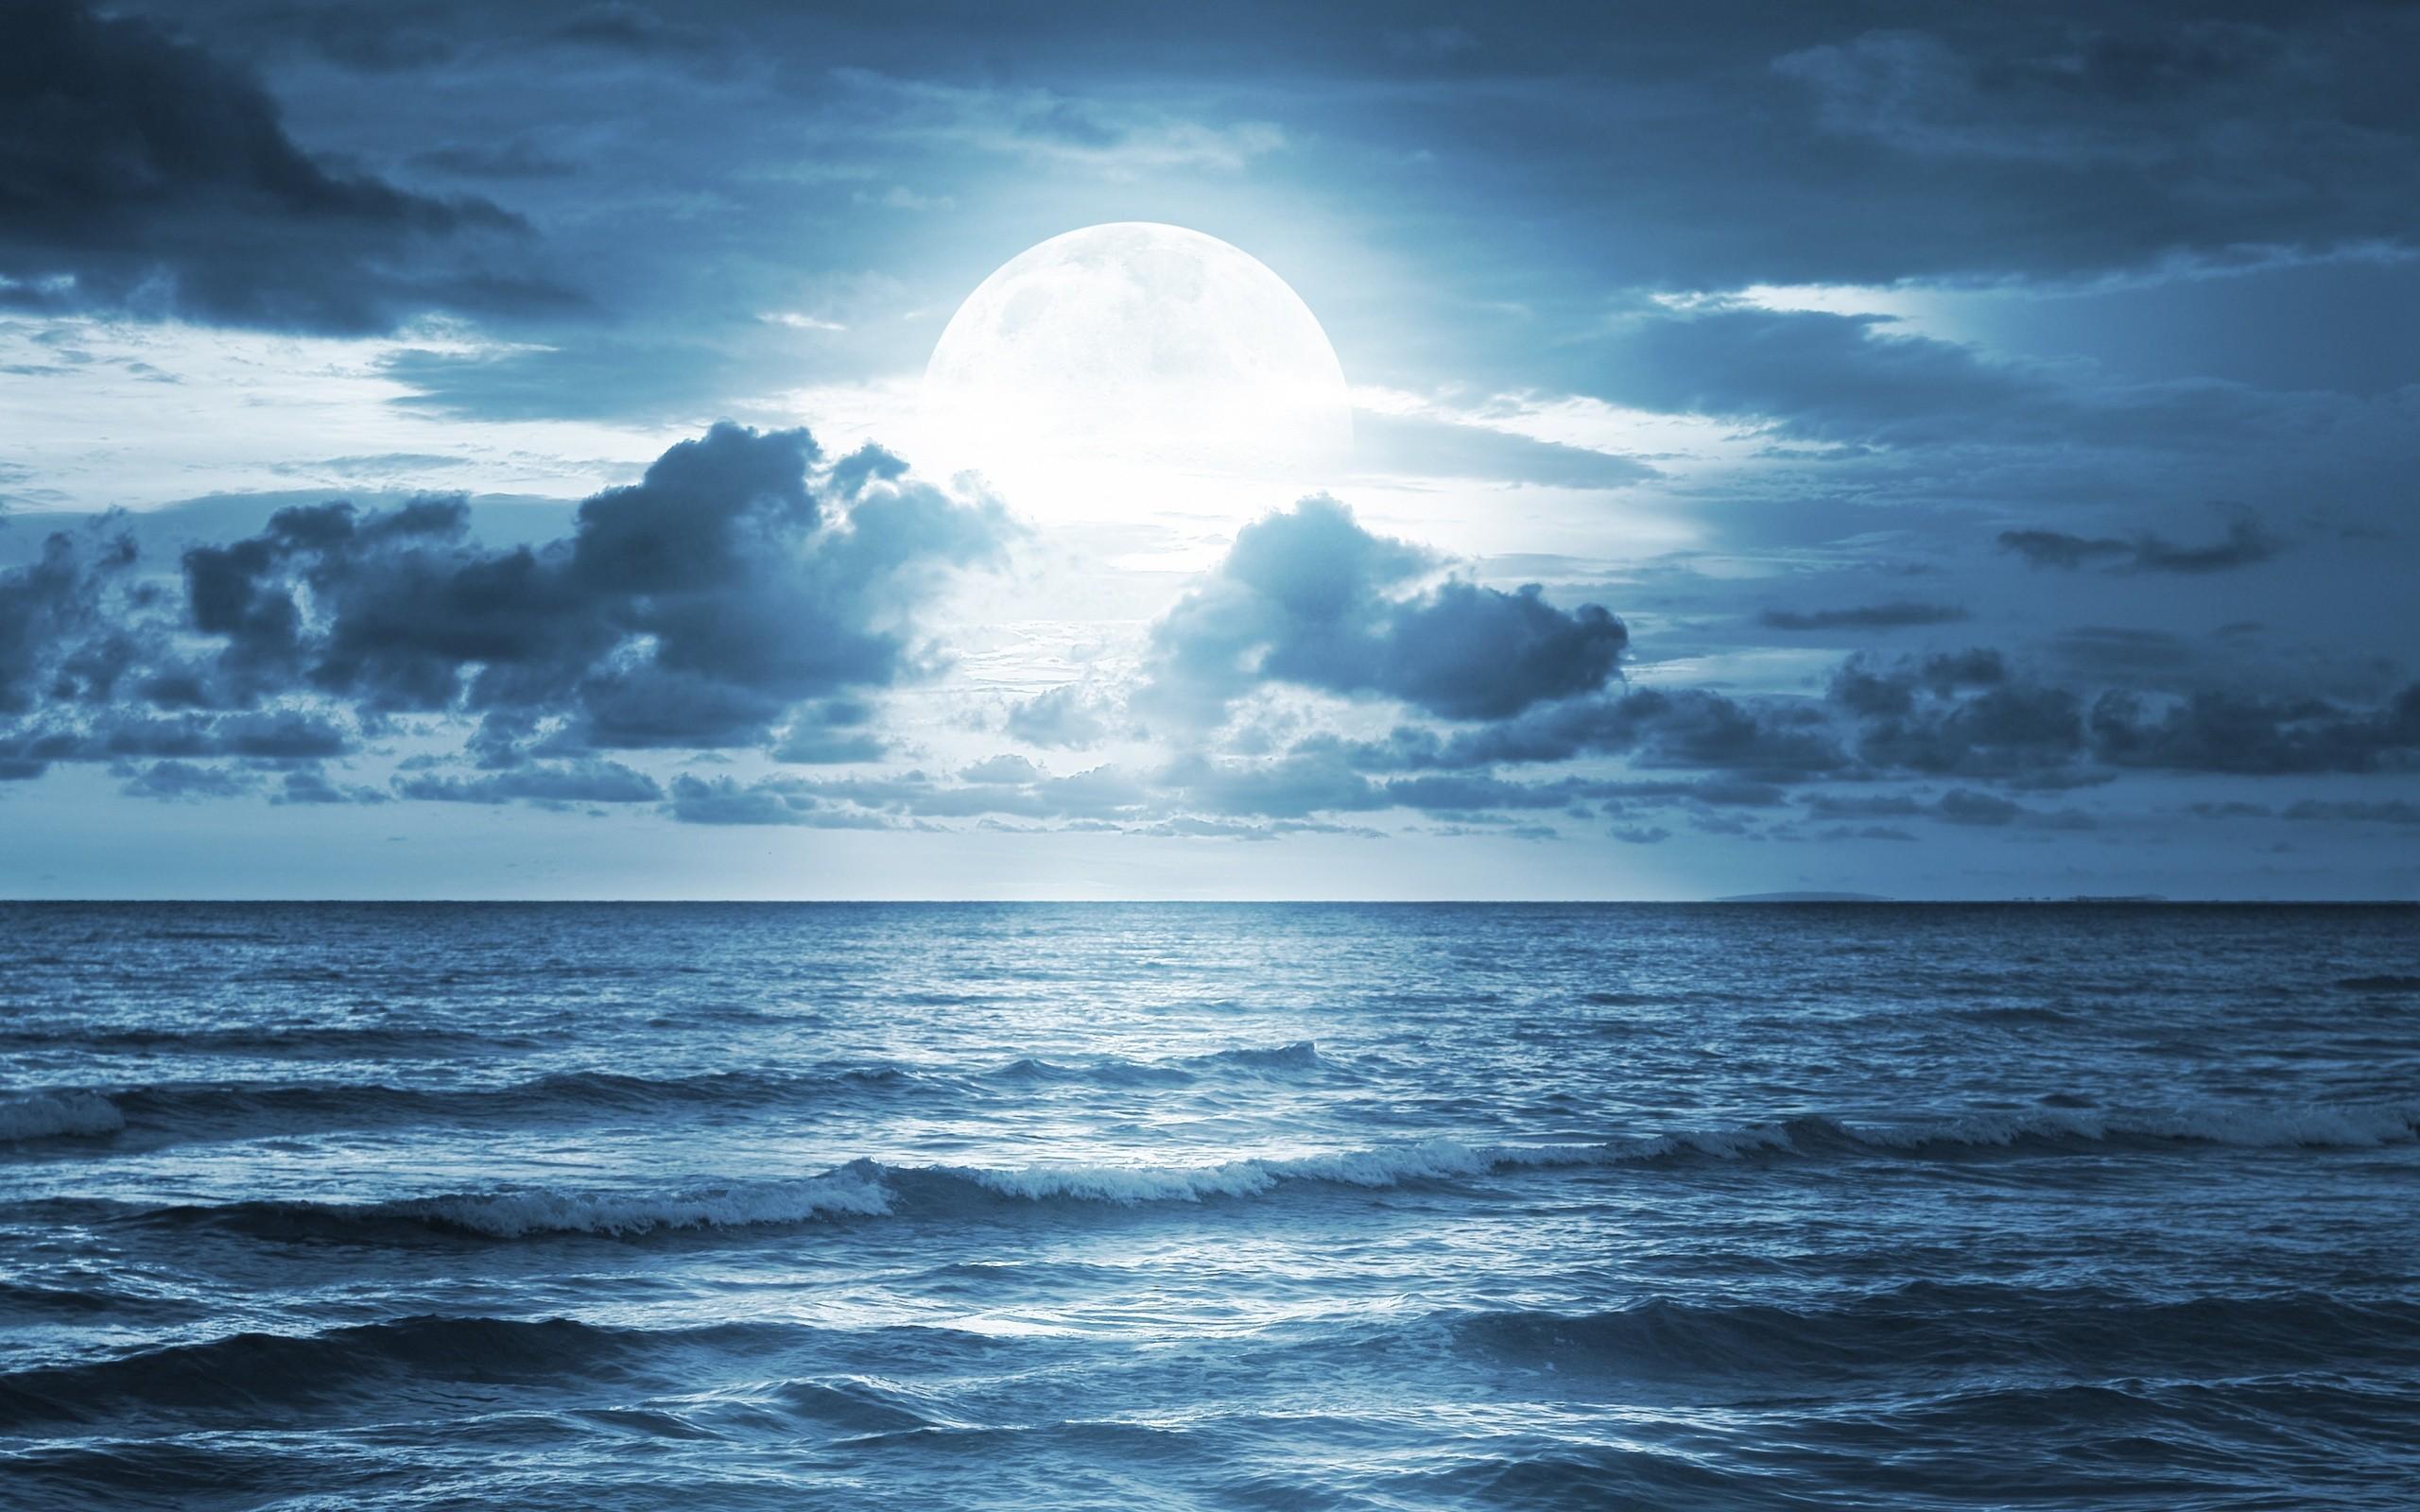 ocean sea moonlight dramatic scene full moon beautiful nature .